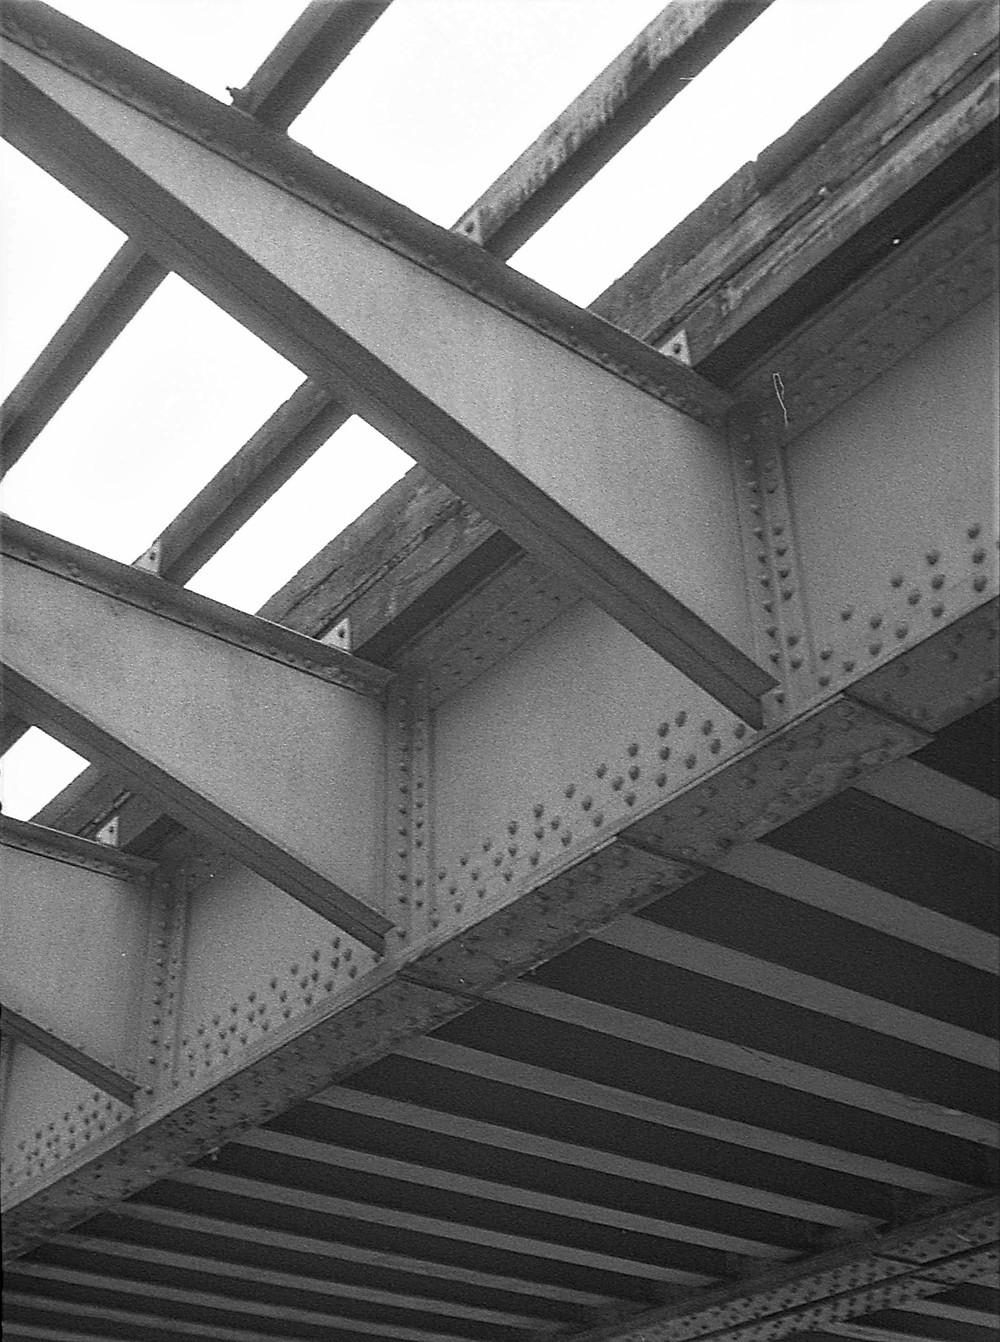 Under the bridge; Ellicott City, Maryland